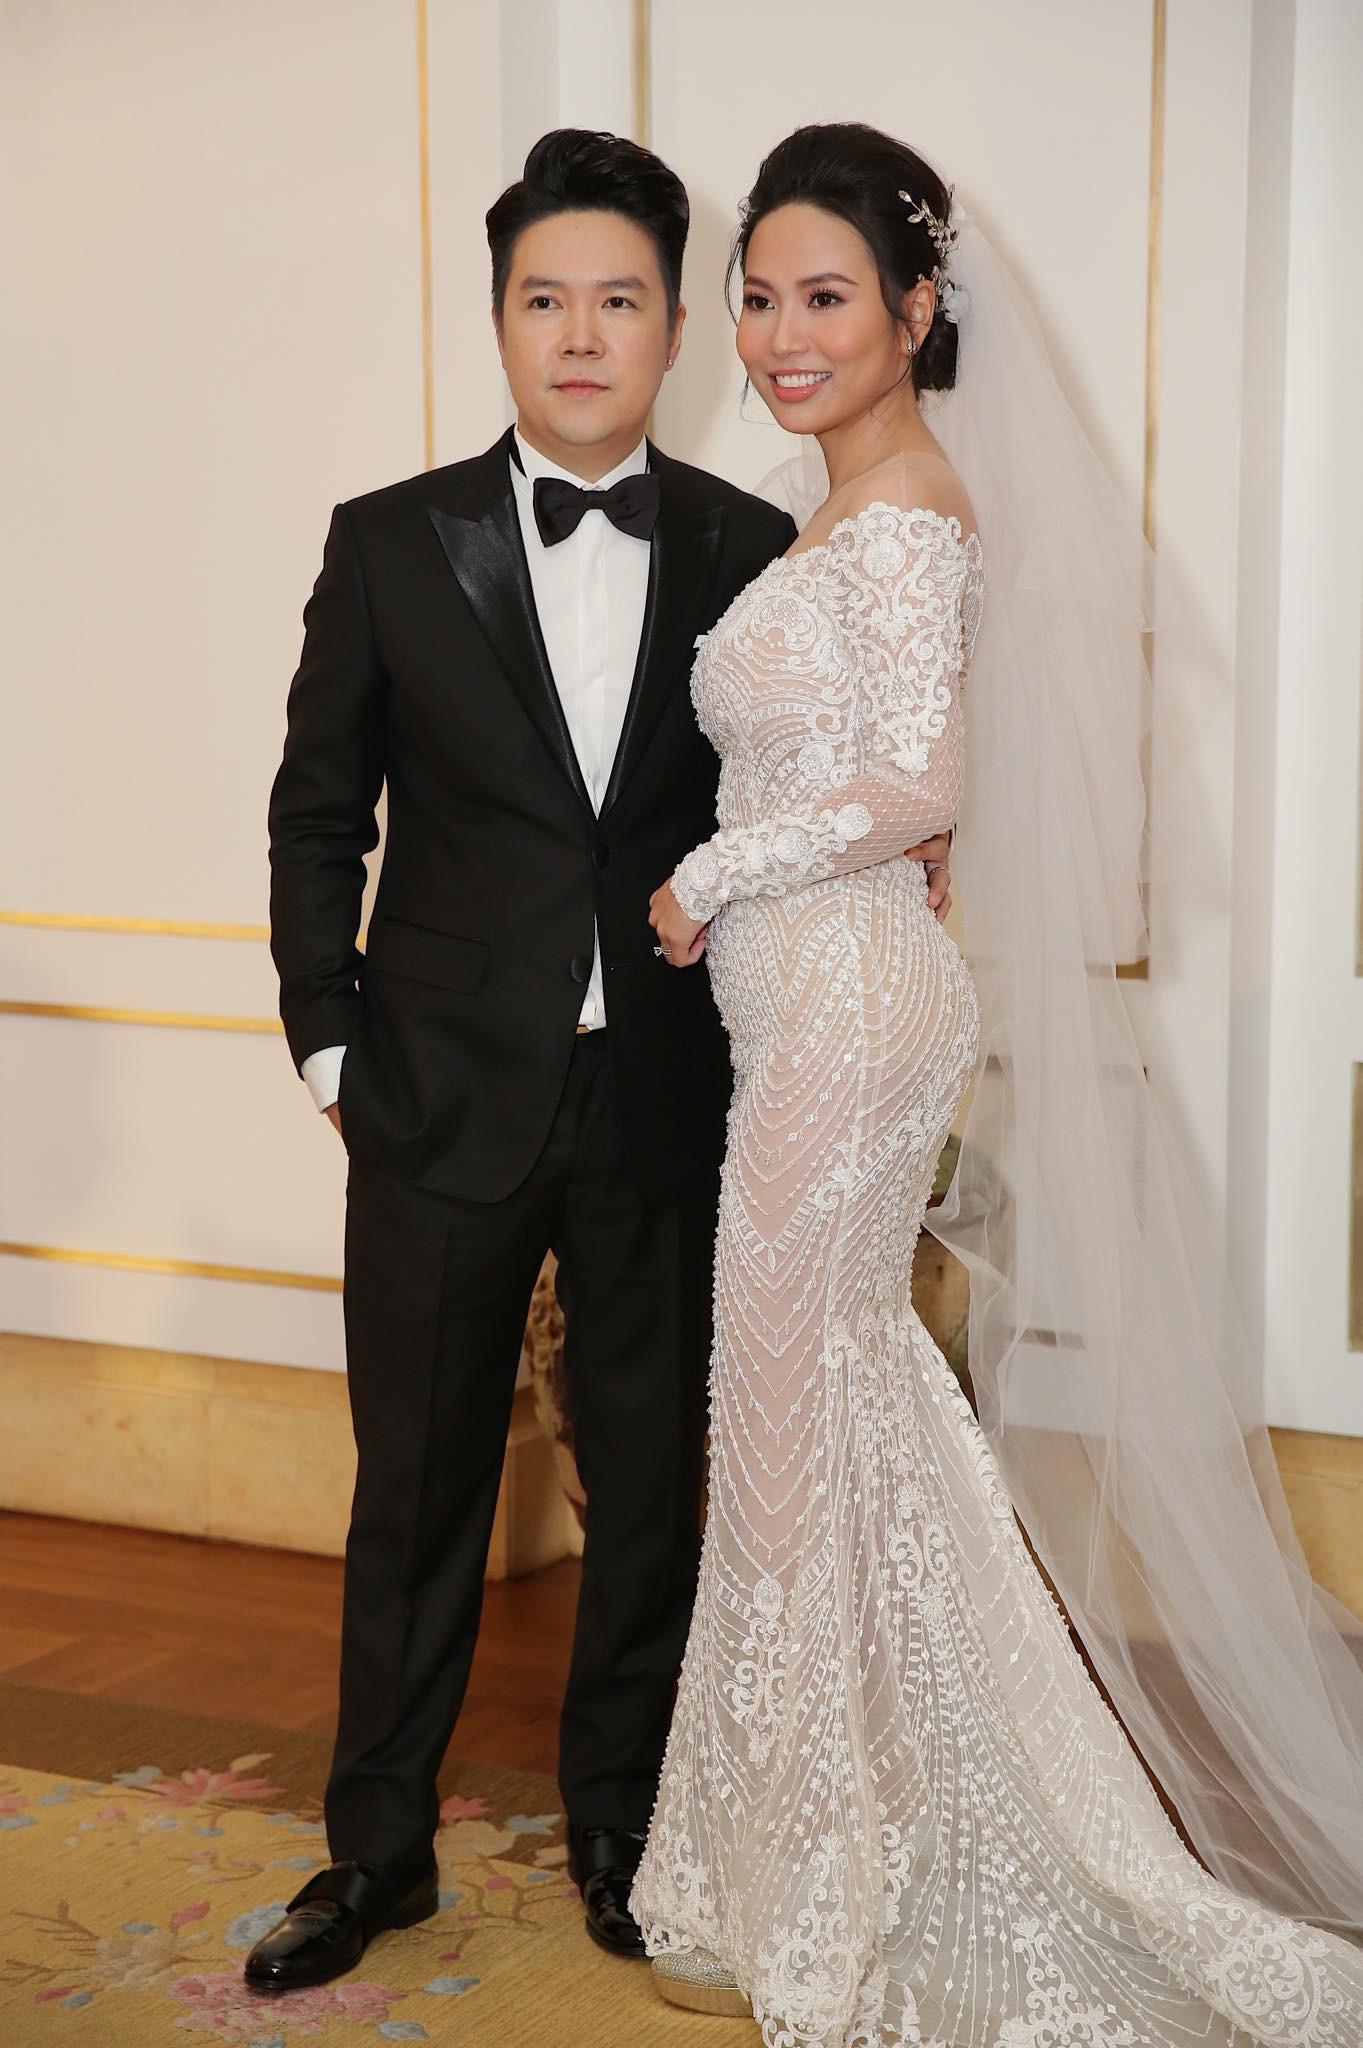 Nghệ sĩ Thành Lộc đi đám cưới Lê Hiếu nhưng hóa ra người ta cưới xong từ hôm qua rồi - Ảnh 3.